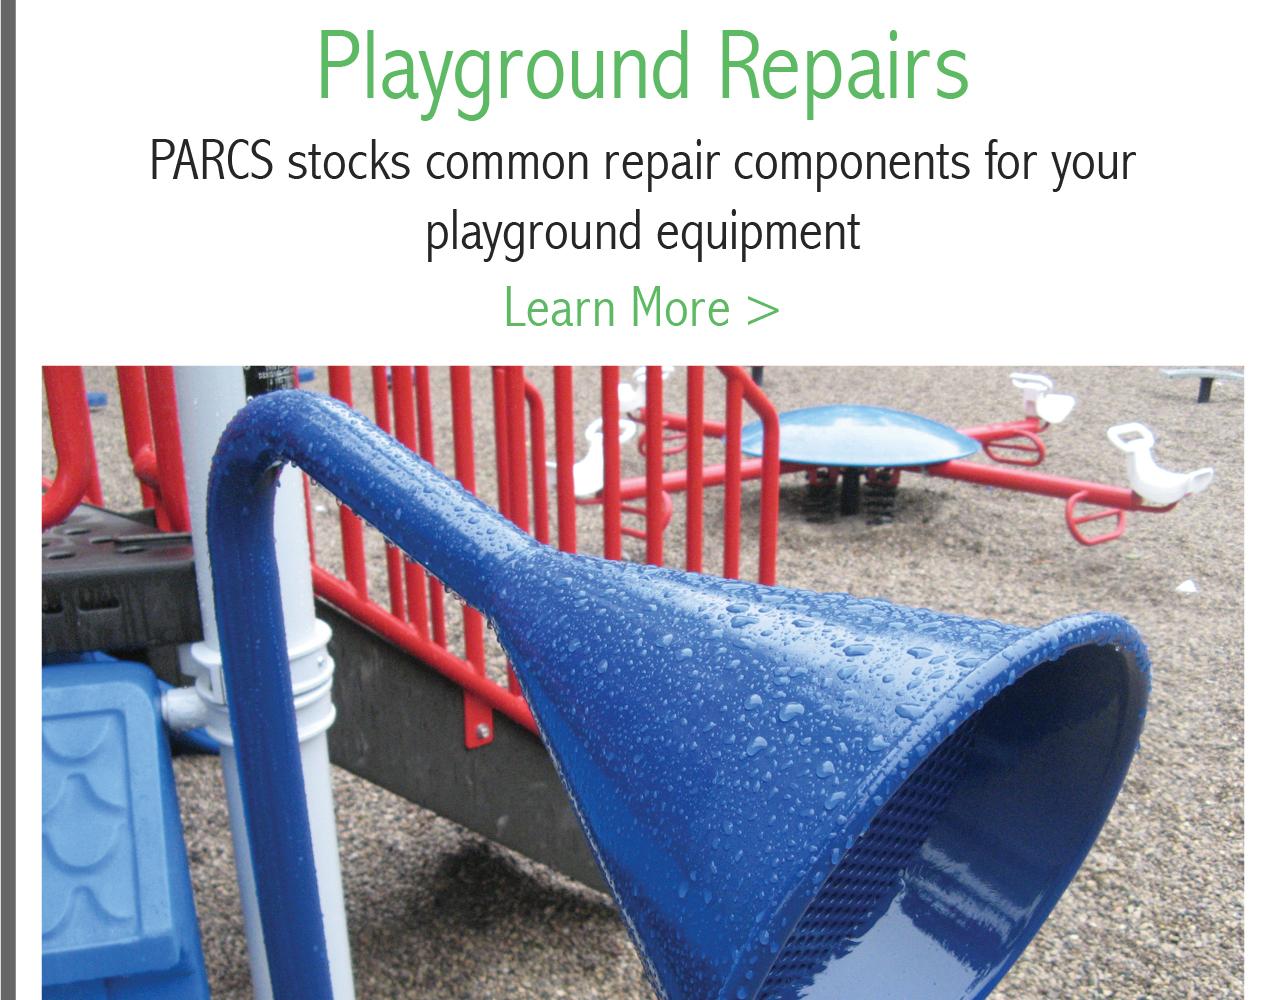 playground_repairs_banner_2015